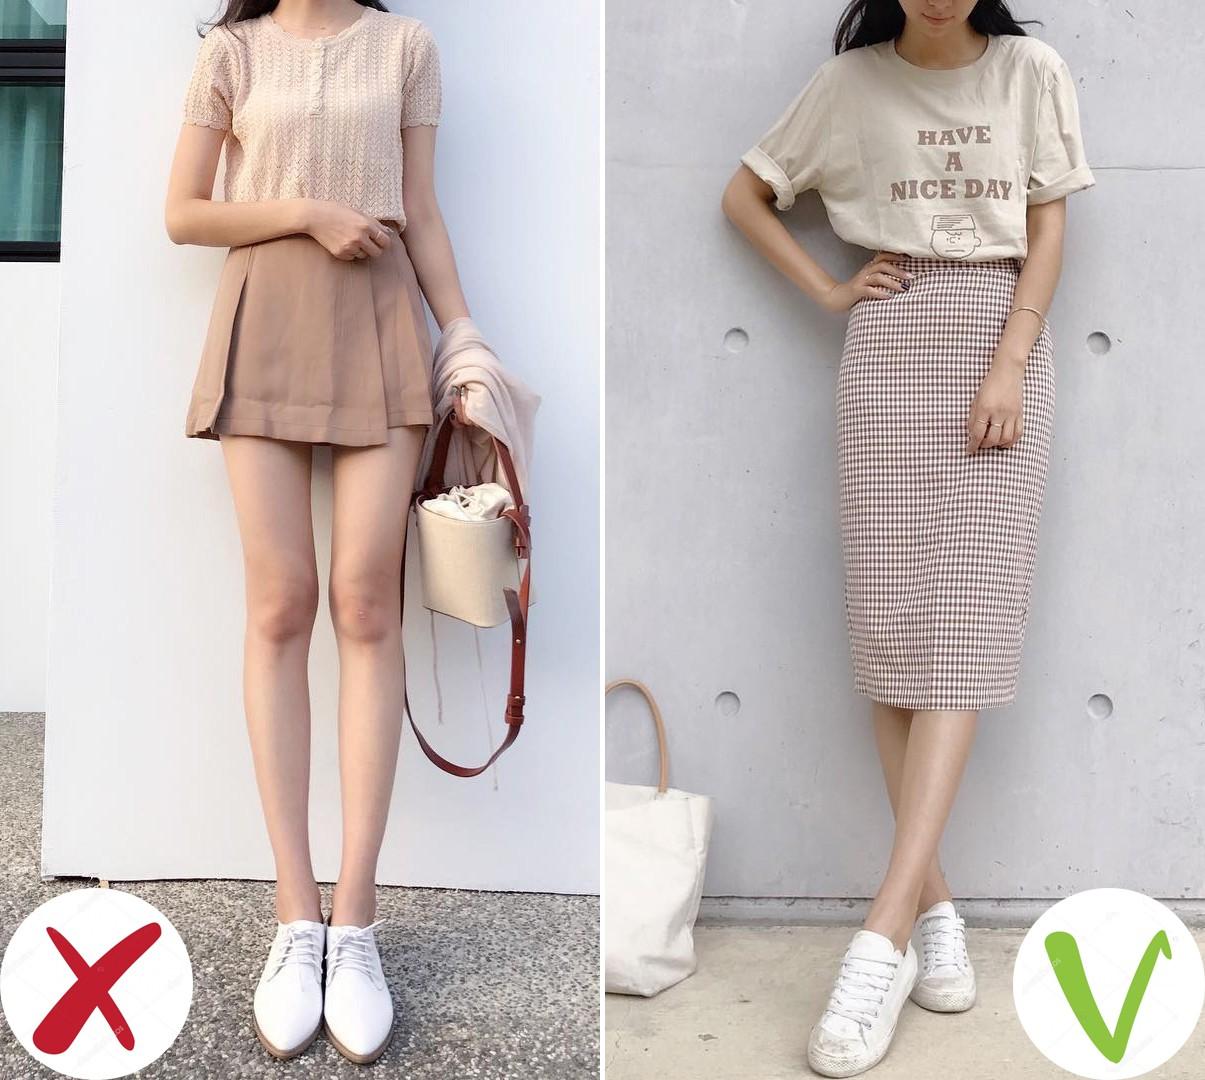 5 loại trang phục nên và không nên mặc tới công sở mà chị em nào cũng nên biết - Ảnh 4